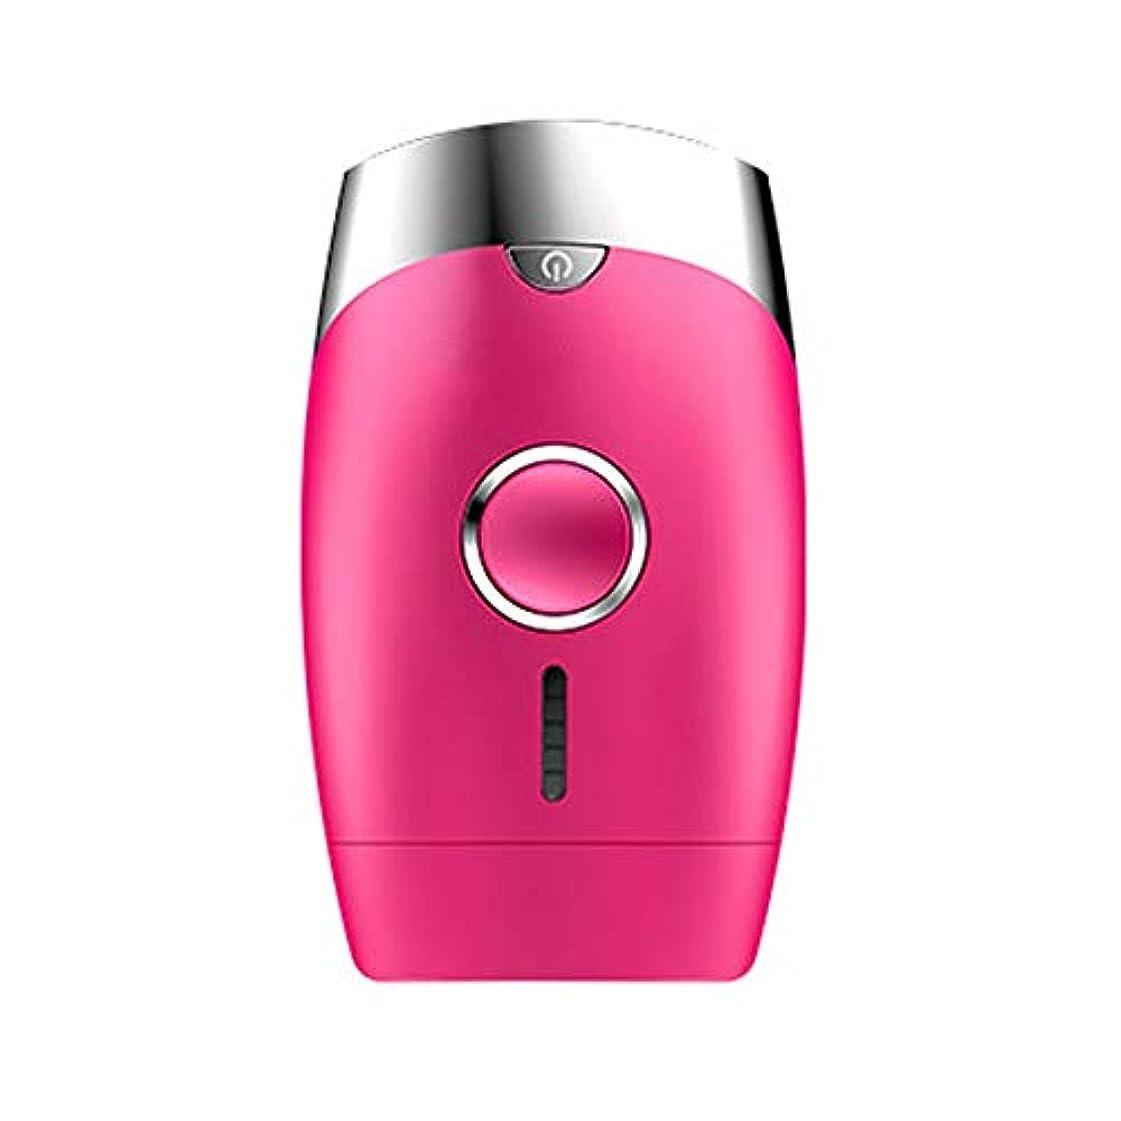 夕食を作る意気消沈した南西Nuanxin ピンク、5スピード調整、インテリジェント家庭用痛みのない凝固点ヘアリムーバー、シングルフラッシュ/連続フラッシュ、サイズ13.9 X 8.3 X 4.8 Cm F30 (Color : Pink)